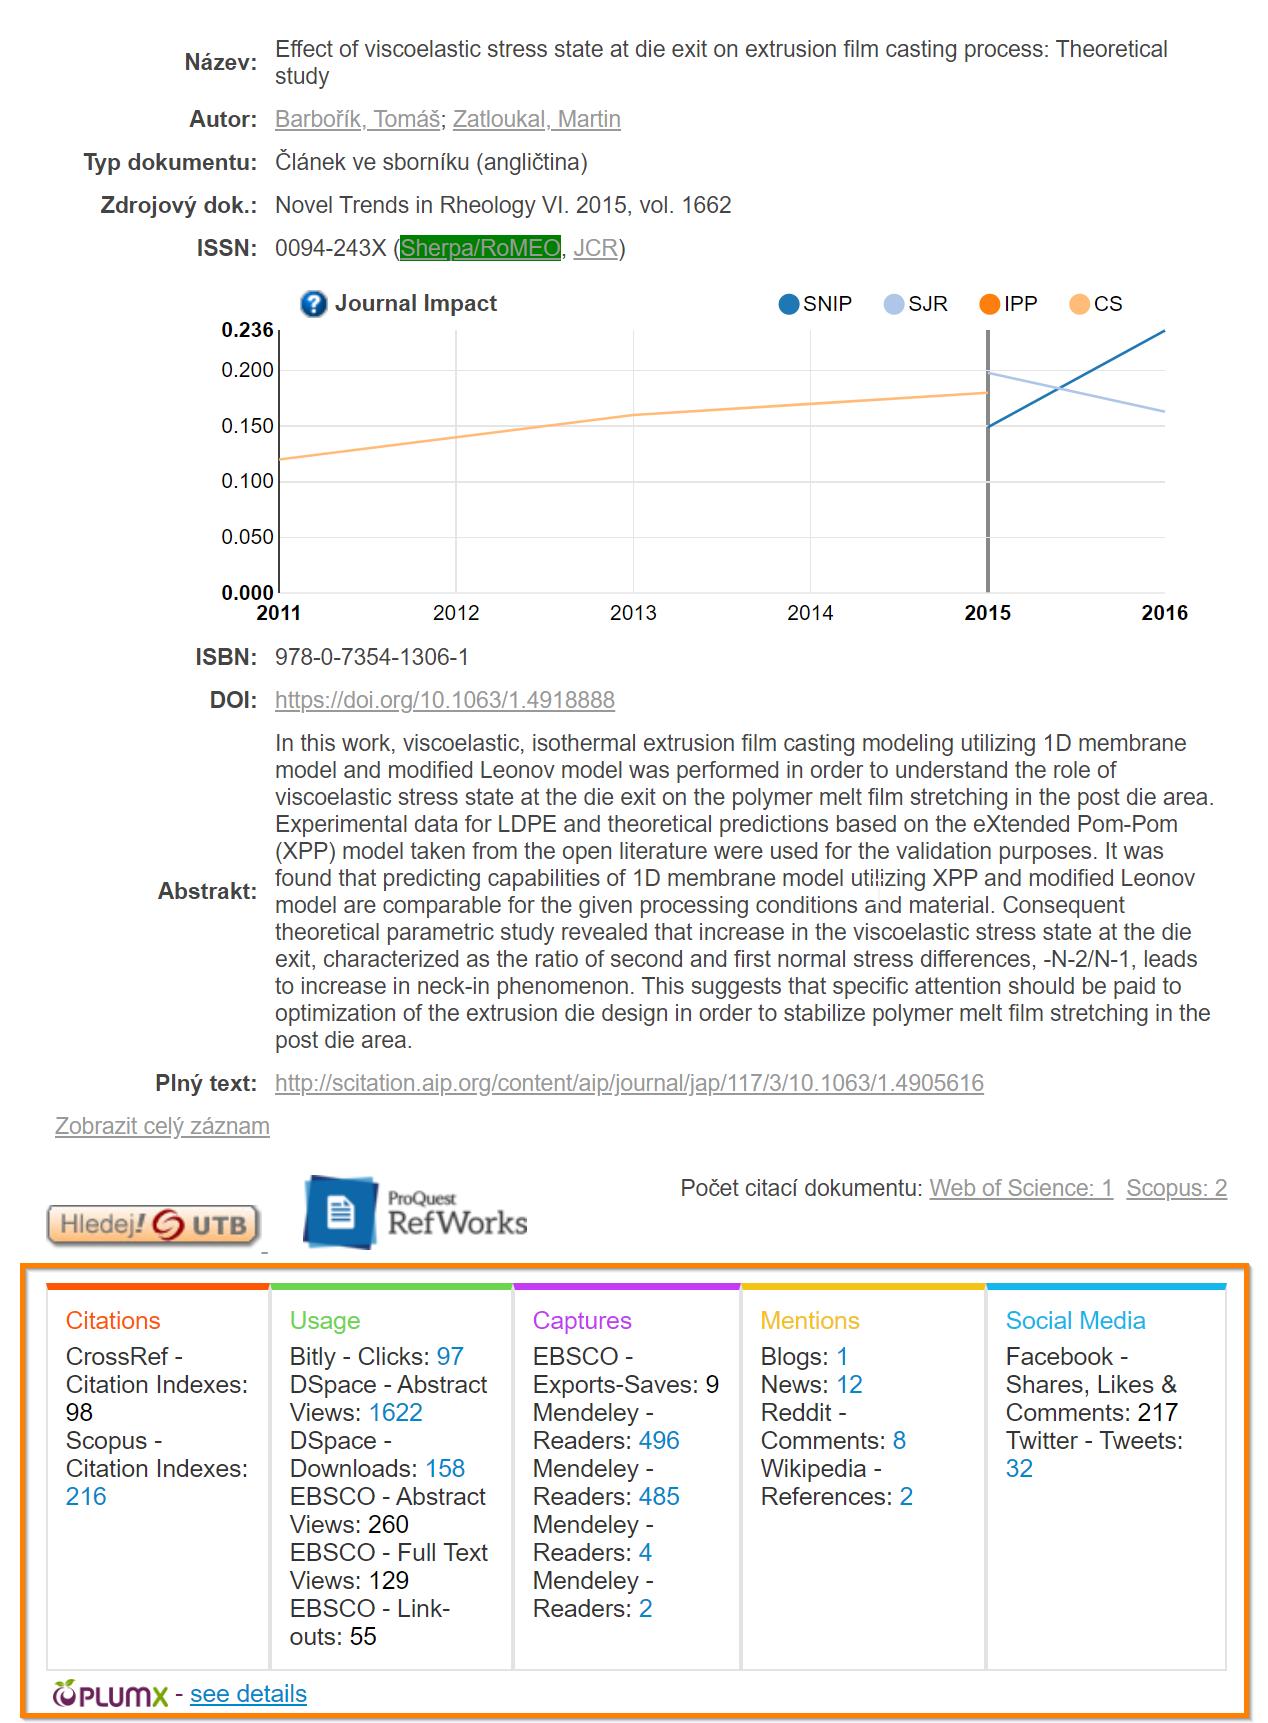 Ukázka widgetu PlumX v repozitáři K.UTB